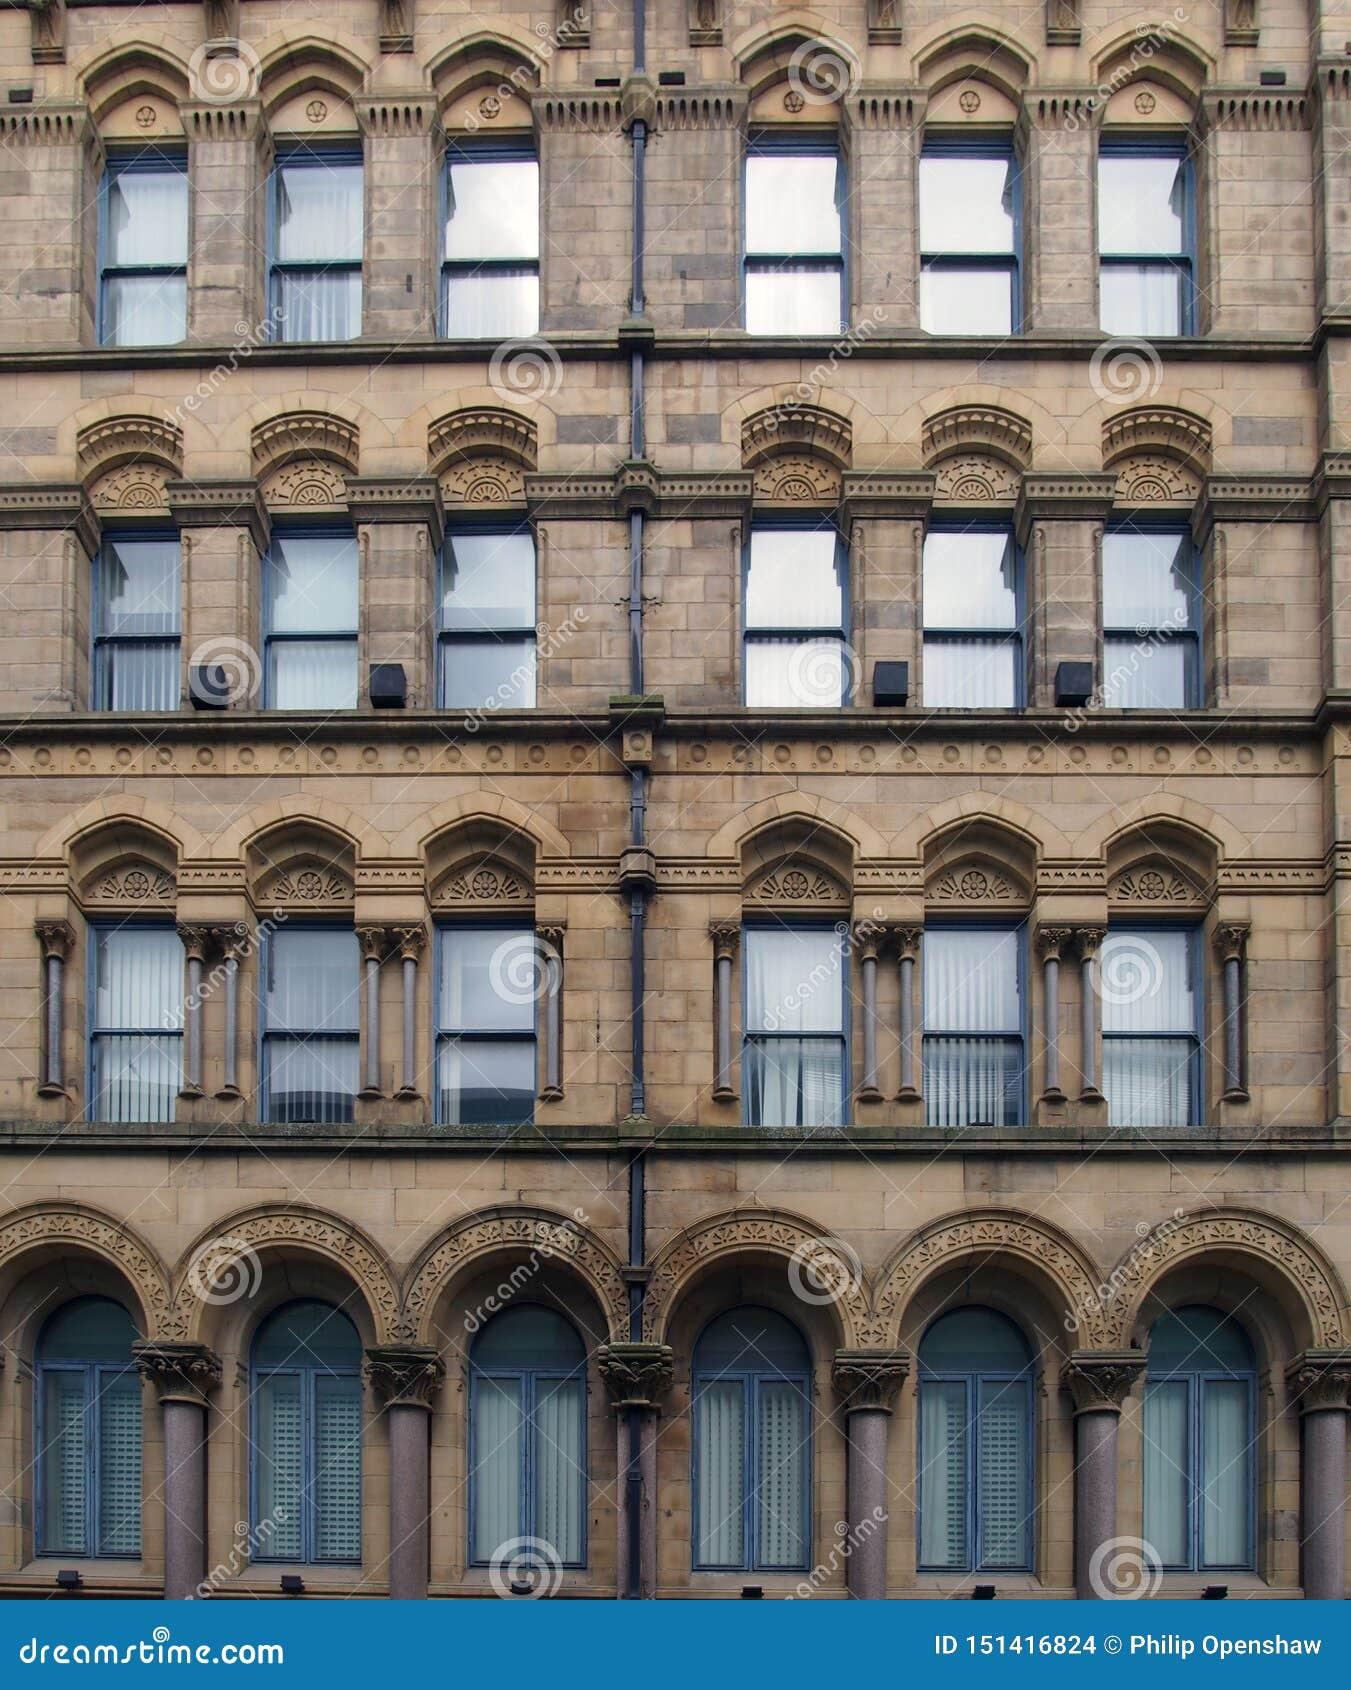 La fachada del almacén milligan y de forbes anterior en Bradford West Yorkshire un edificio grande del estilo del palazzo